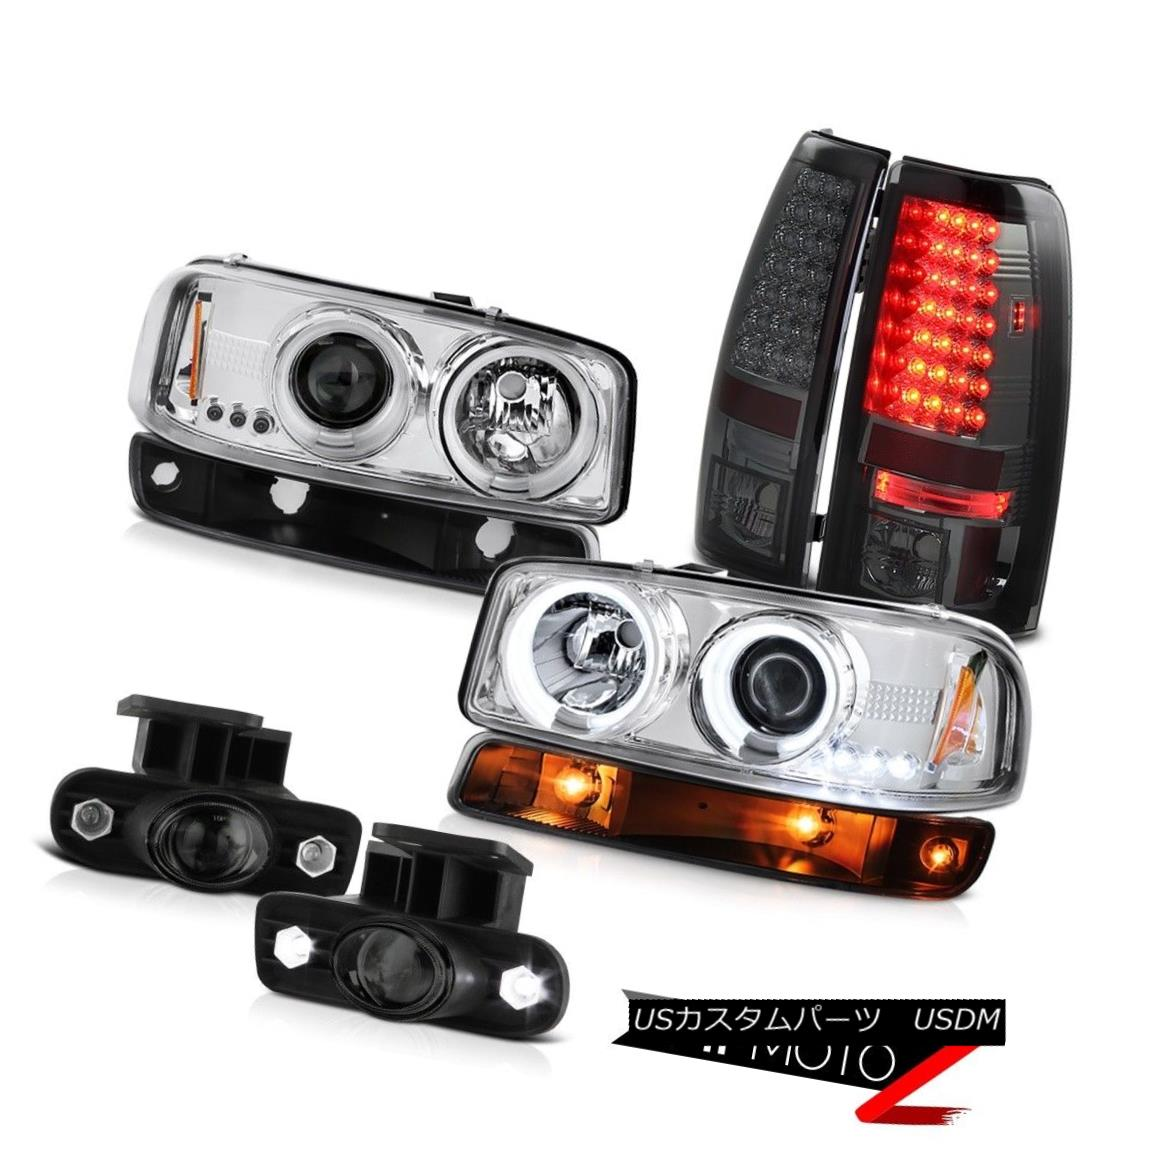 テールライト 99-02 Sierra 6.6L Foglights led tail lights parking light chrome ccfl headlamps 99-02シエラ6.6L Foglightsはテールライトの駐車場のライトクロムccflヘッドライトを導いた